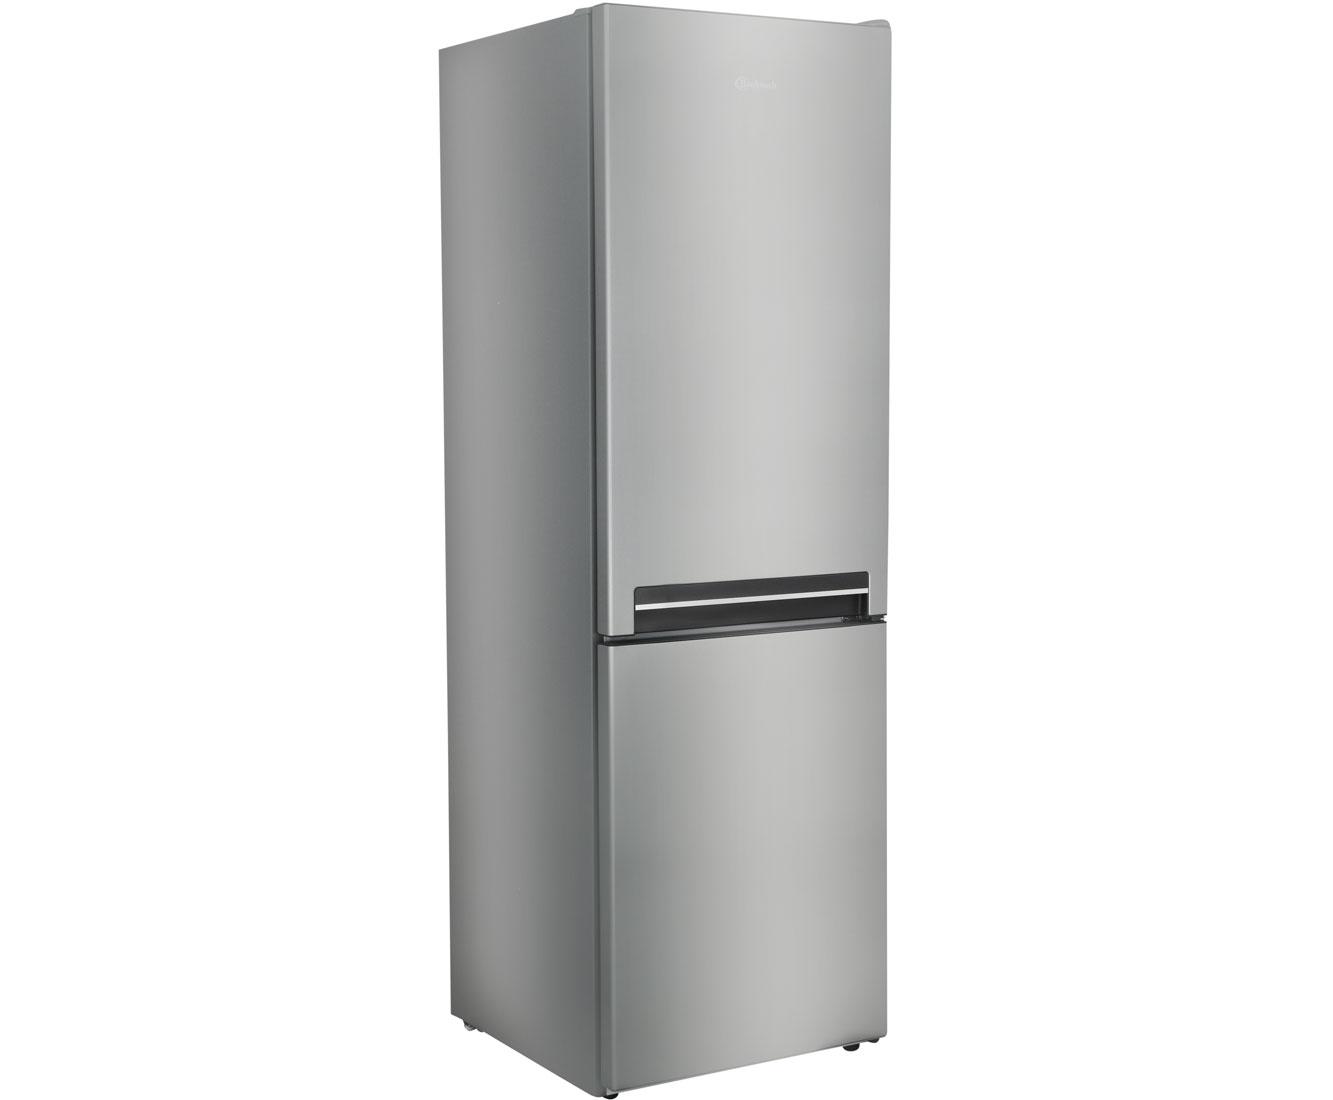 Bosch Kühlschrank Notebooksbilliger : Edelstahl kühlschrank preisvergleich u die besten angebote online